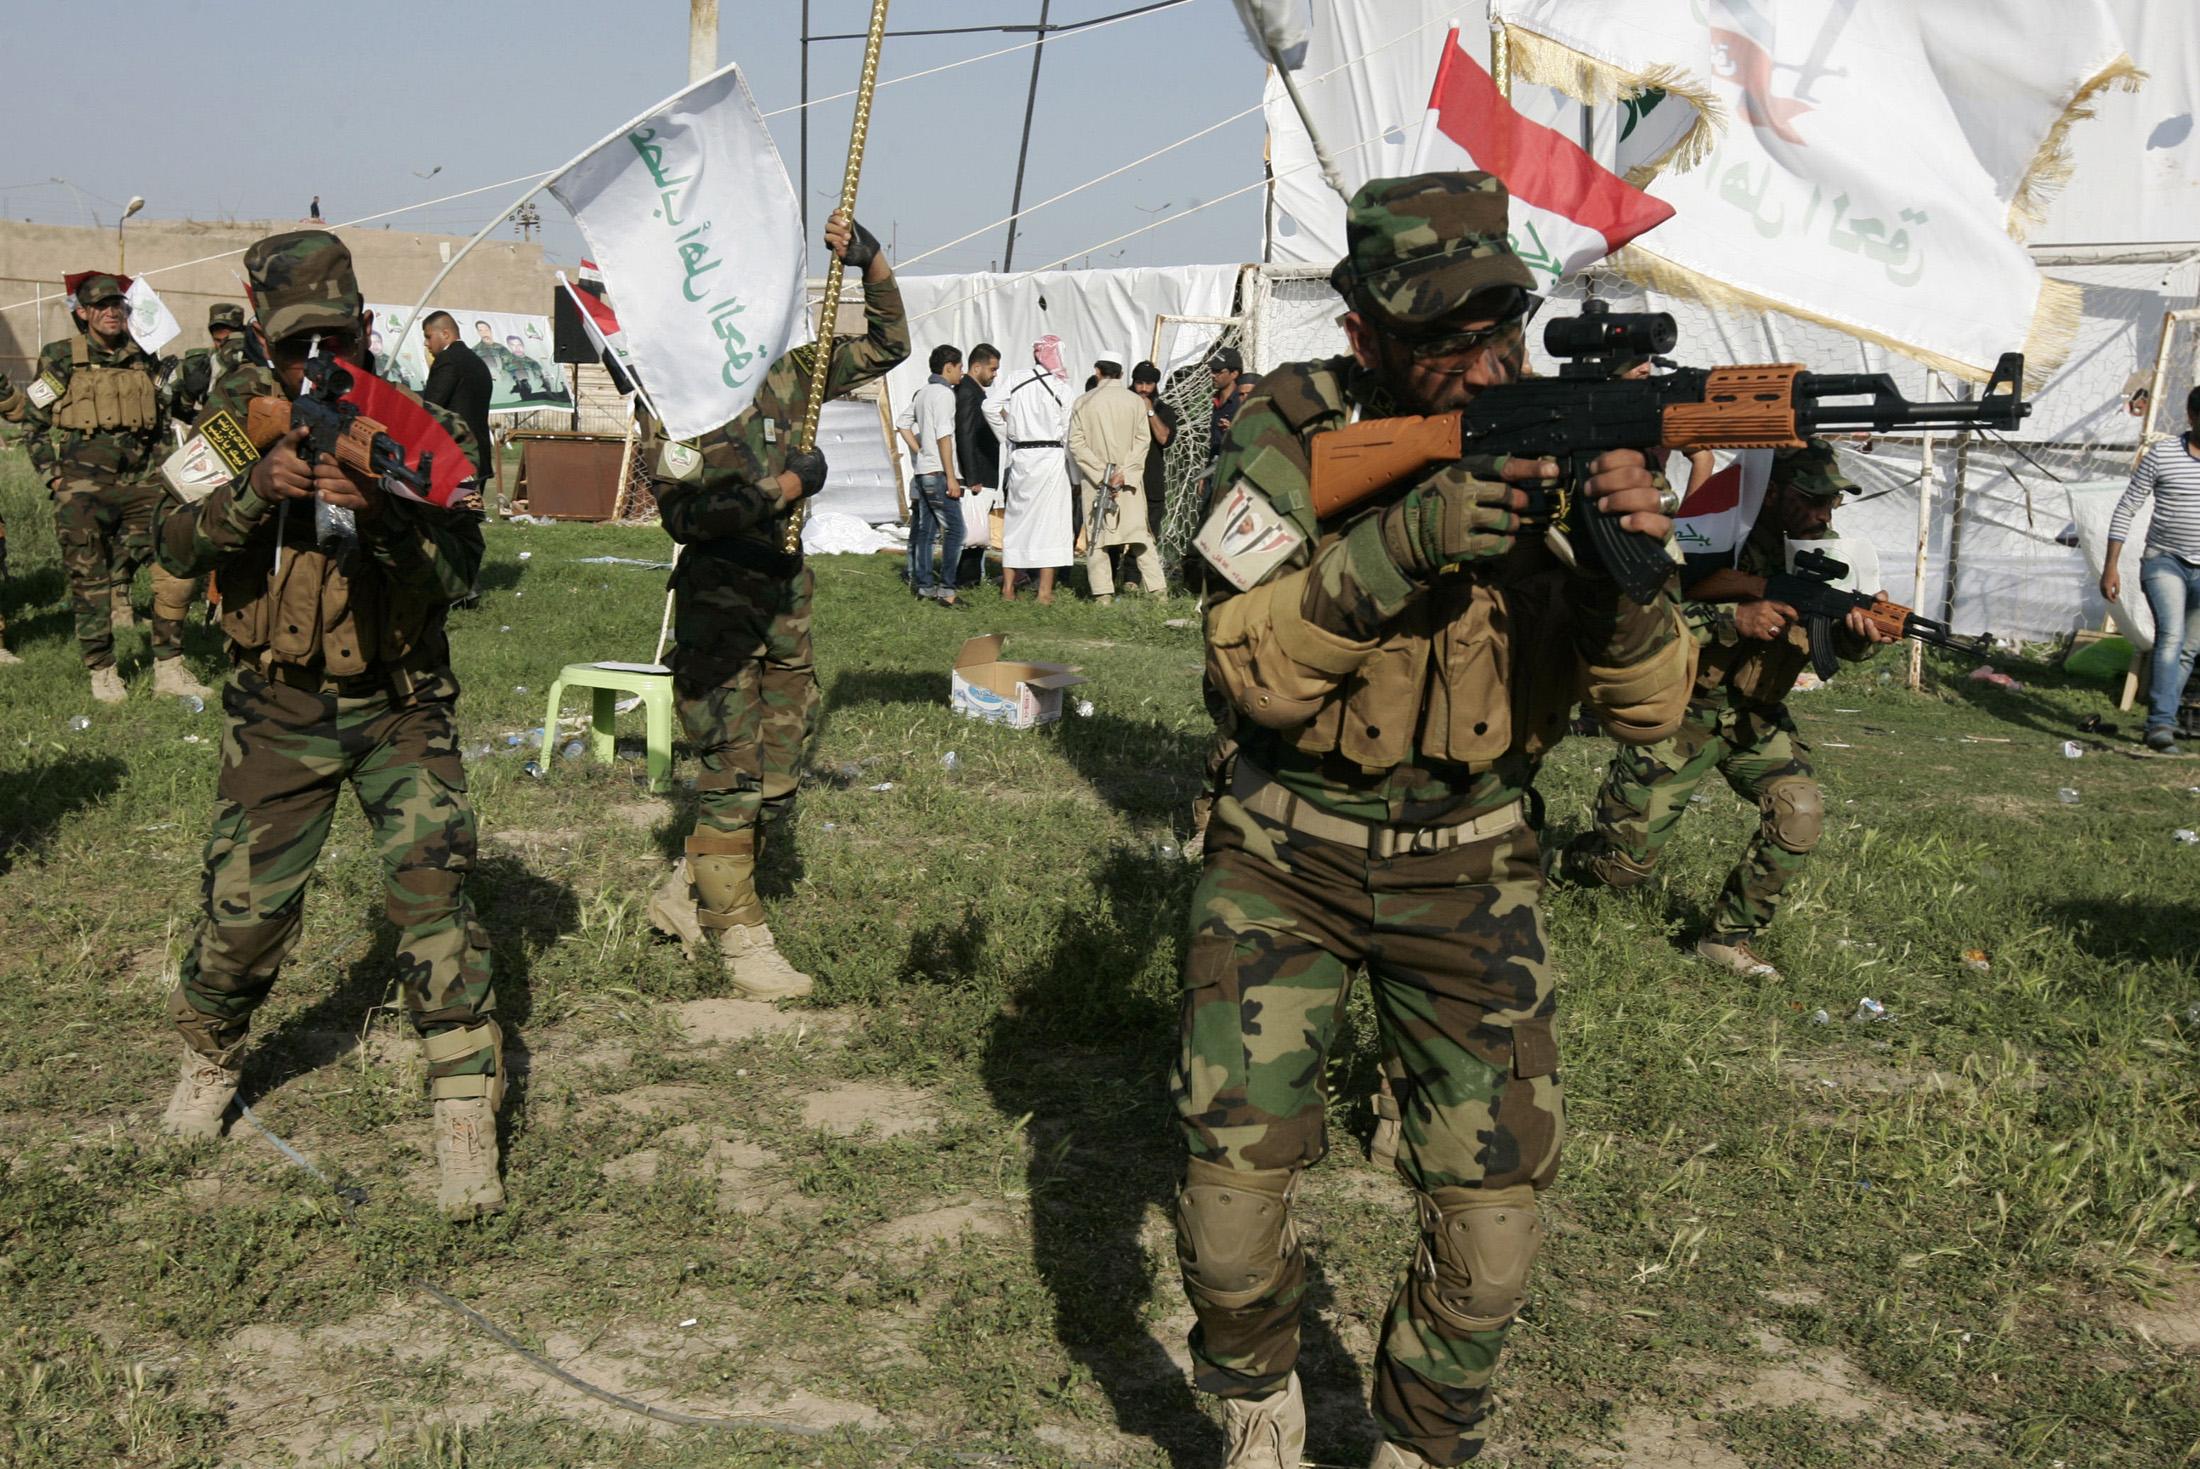 Iraq's Shi'ite militia Asaib Ahl al-Haq